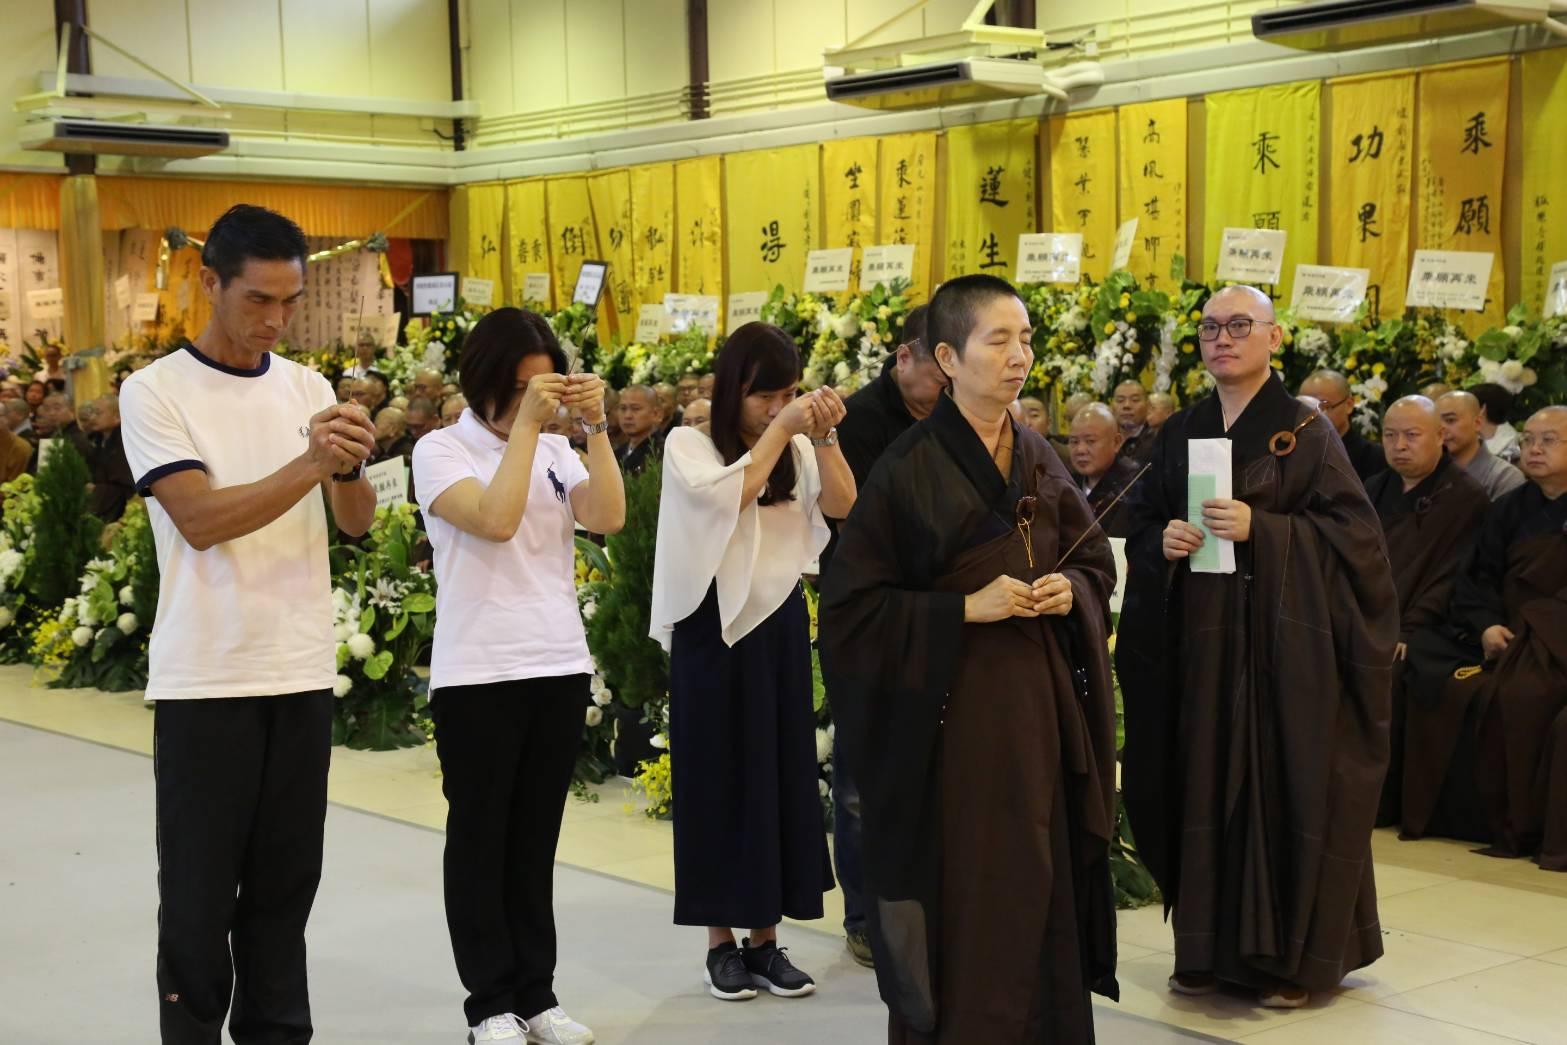 610713 รอง กต ร่วมงานศพVen.Dr. Sik Kin Chiu, จีนฮ่องกง 5